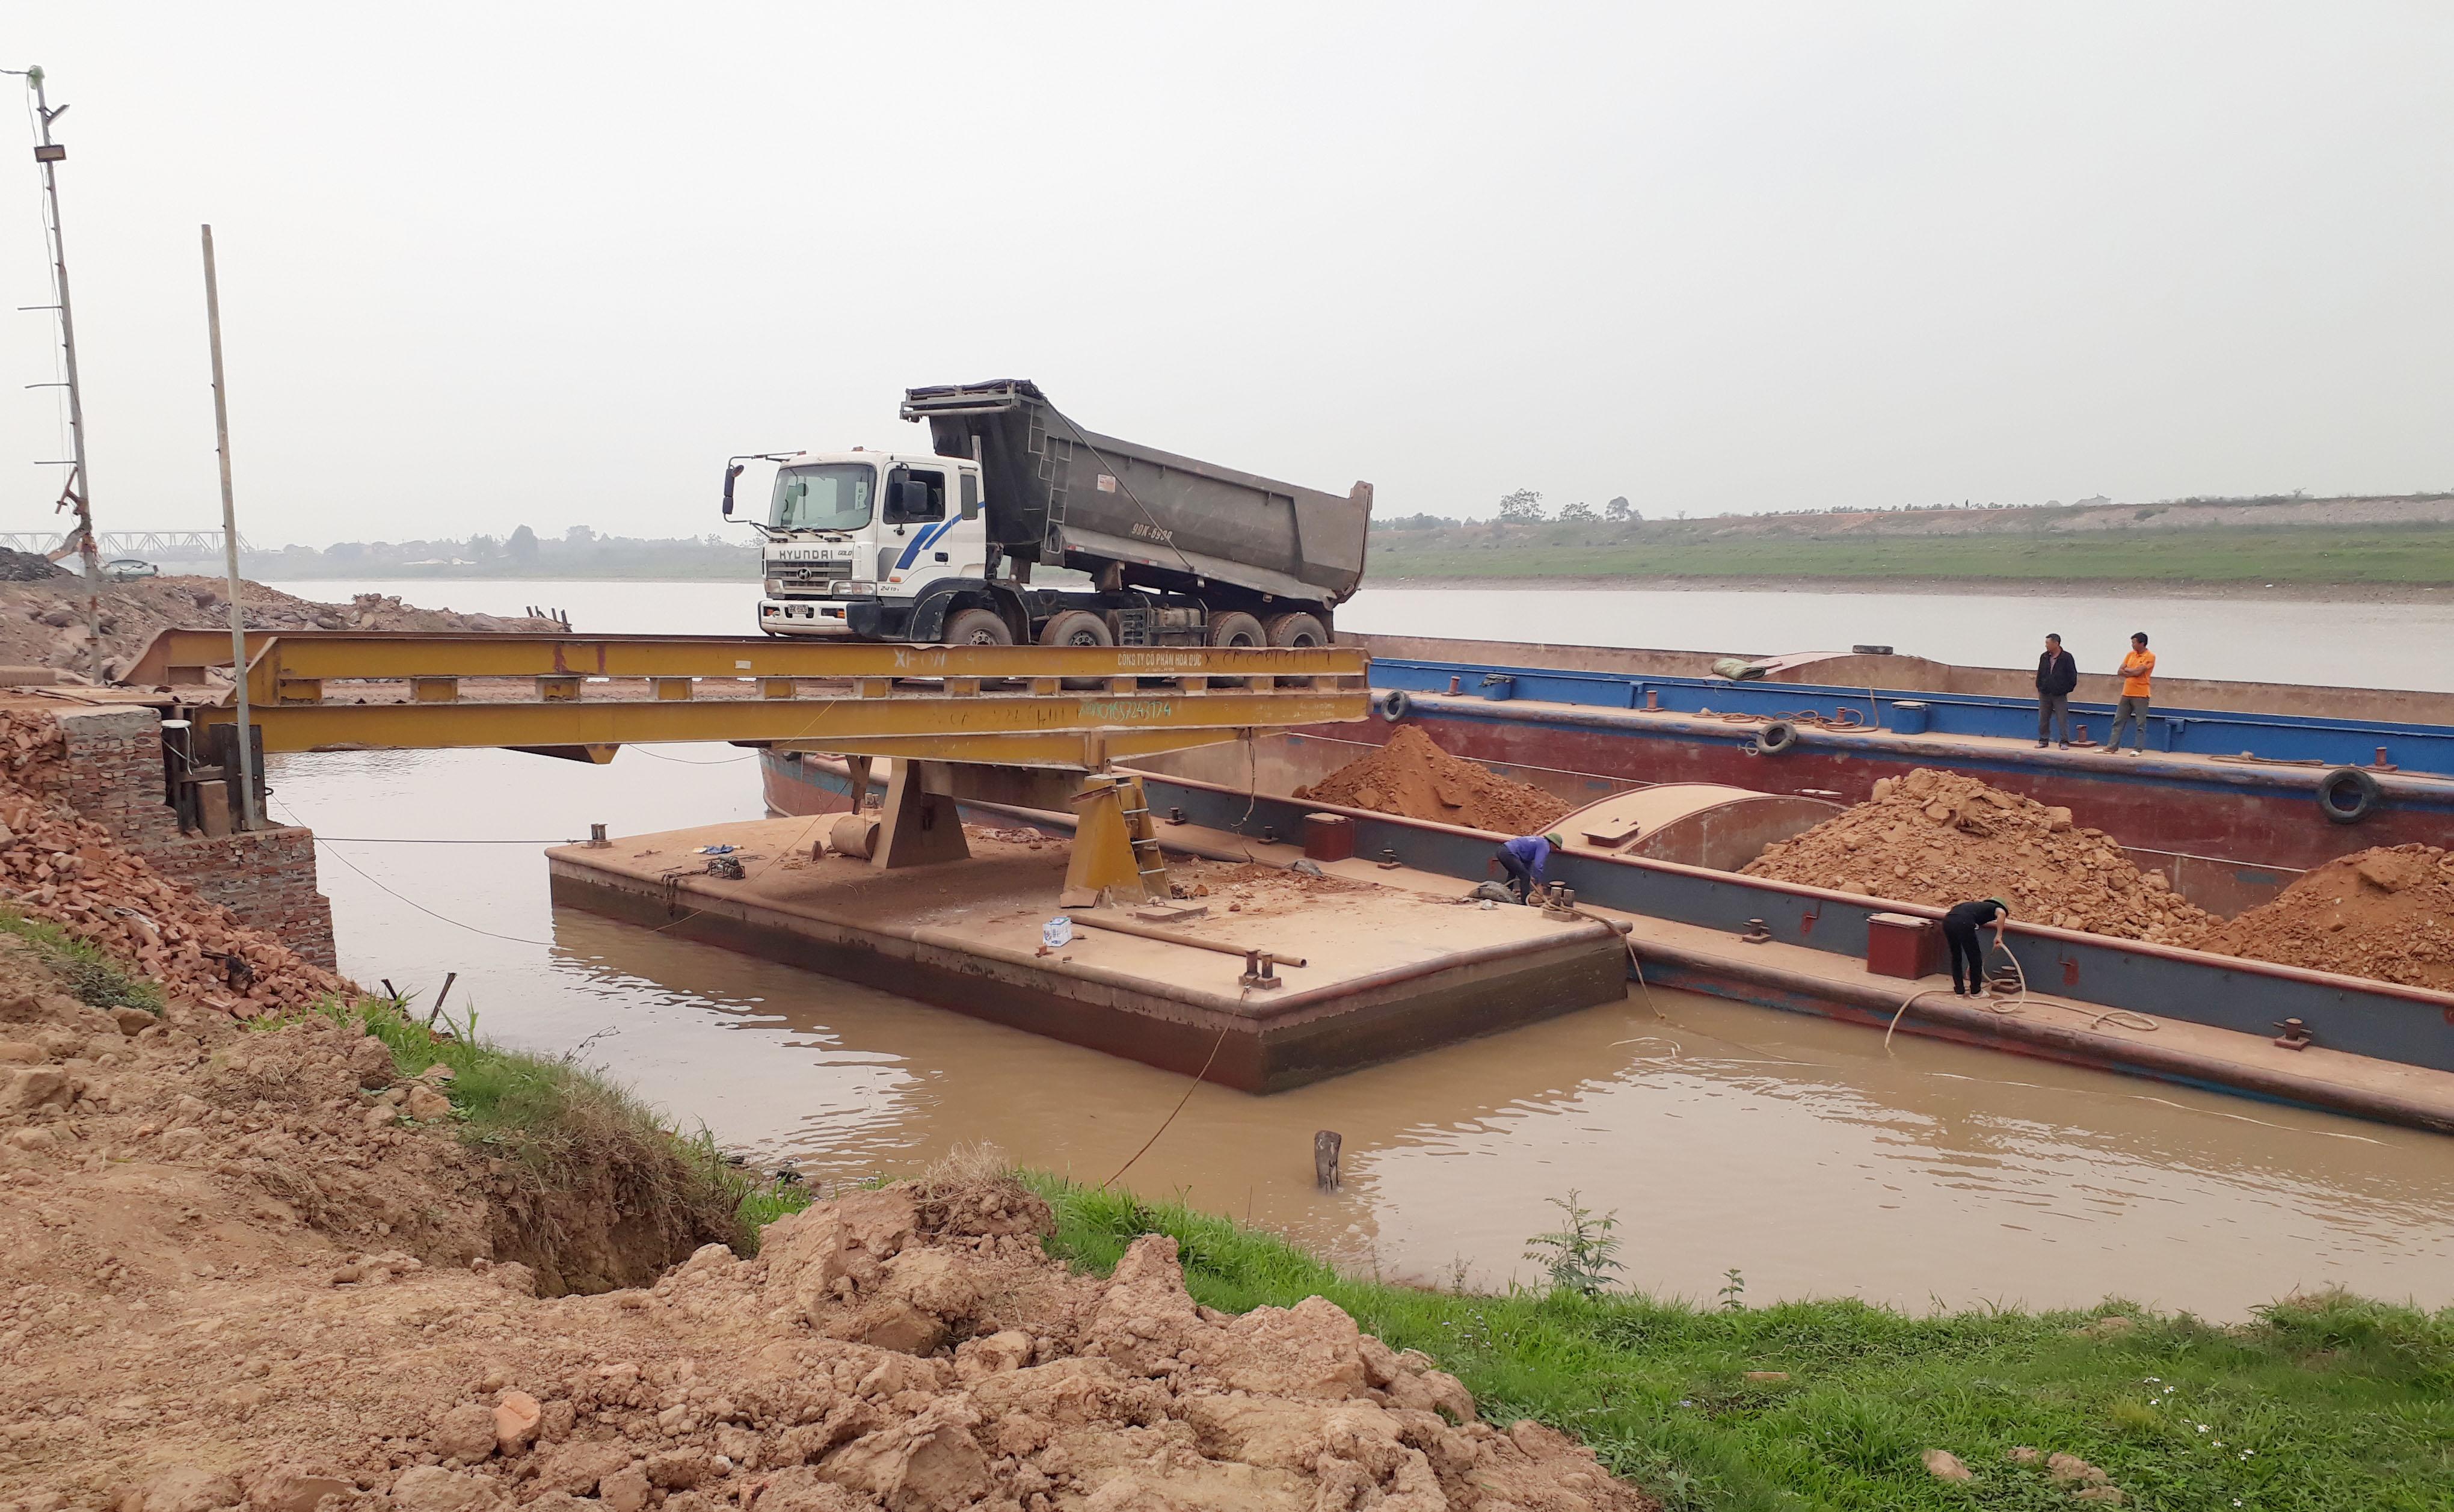 Bắc Giang: Tái diễn nhiều bến thủy nội địa trái phép 